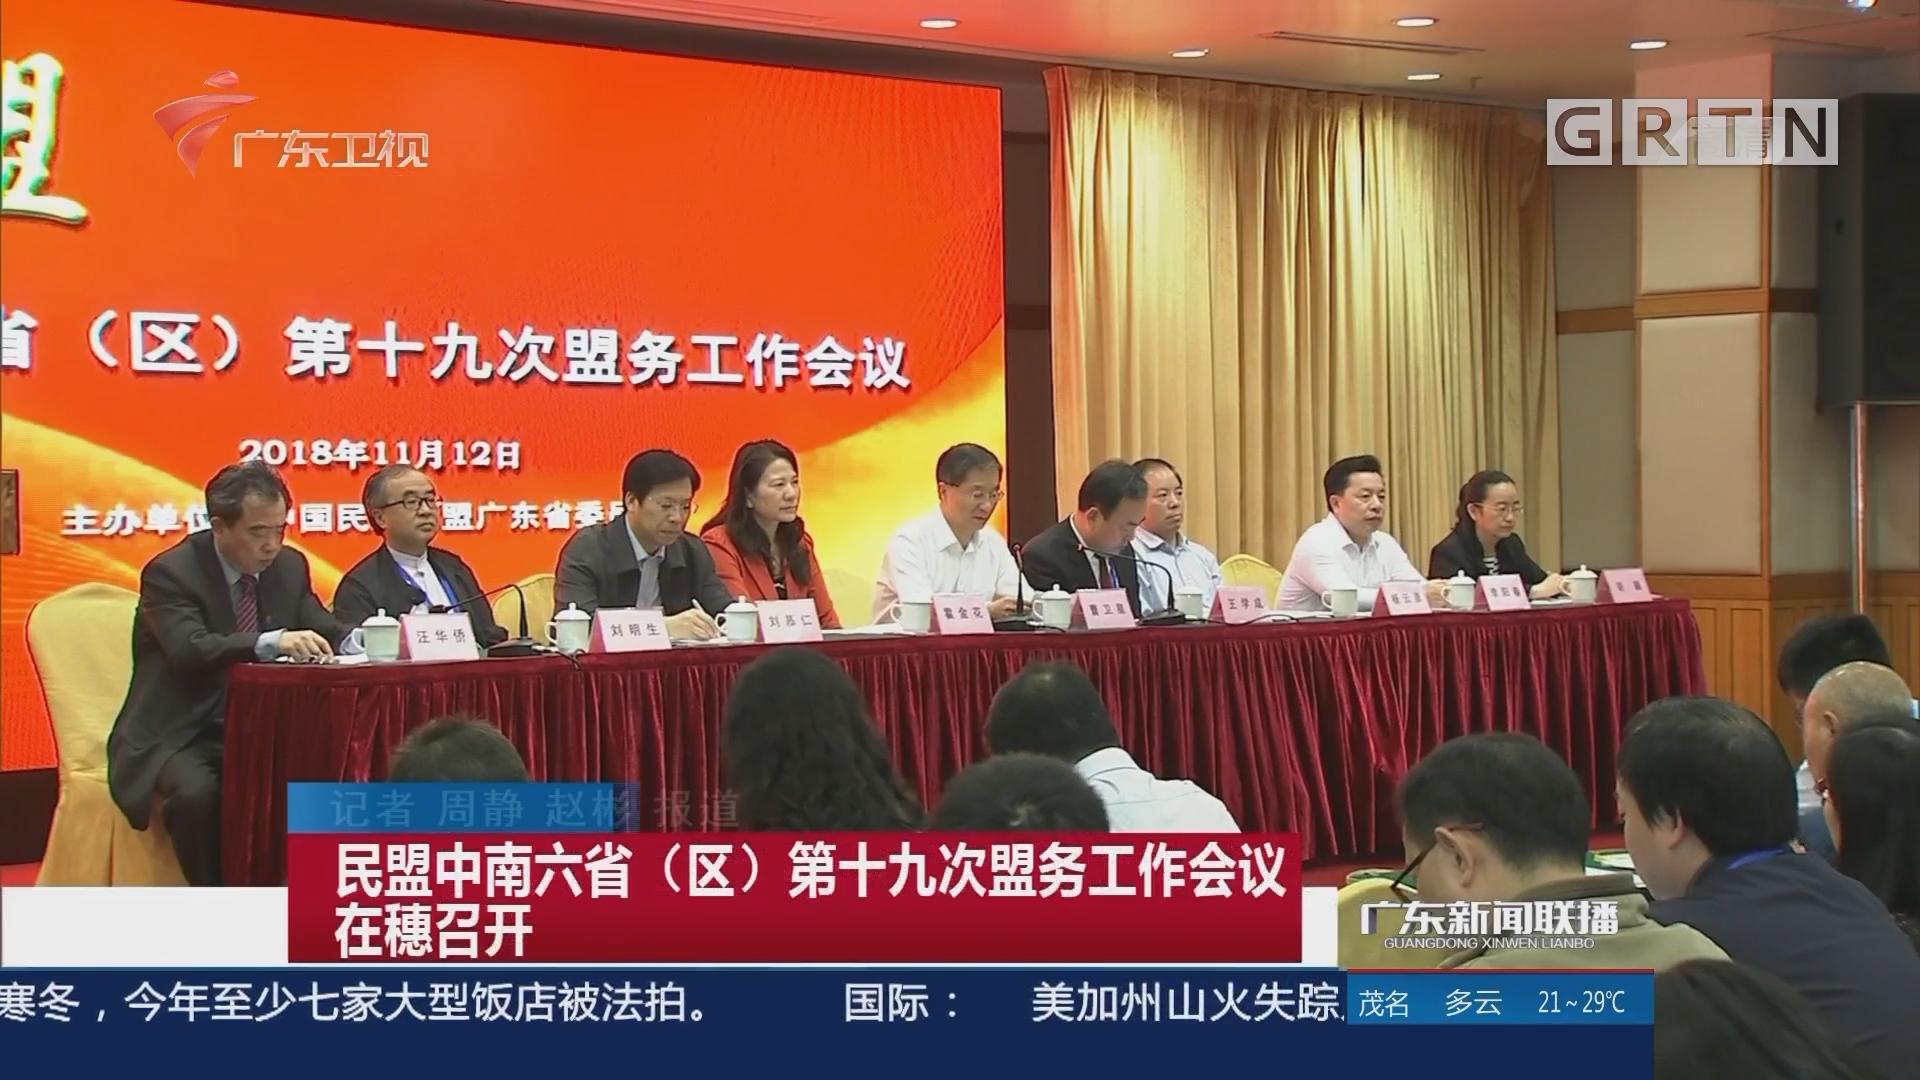 民盟中南六省(区)第十九次盟务工作会议在穗召开